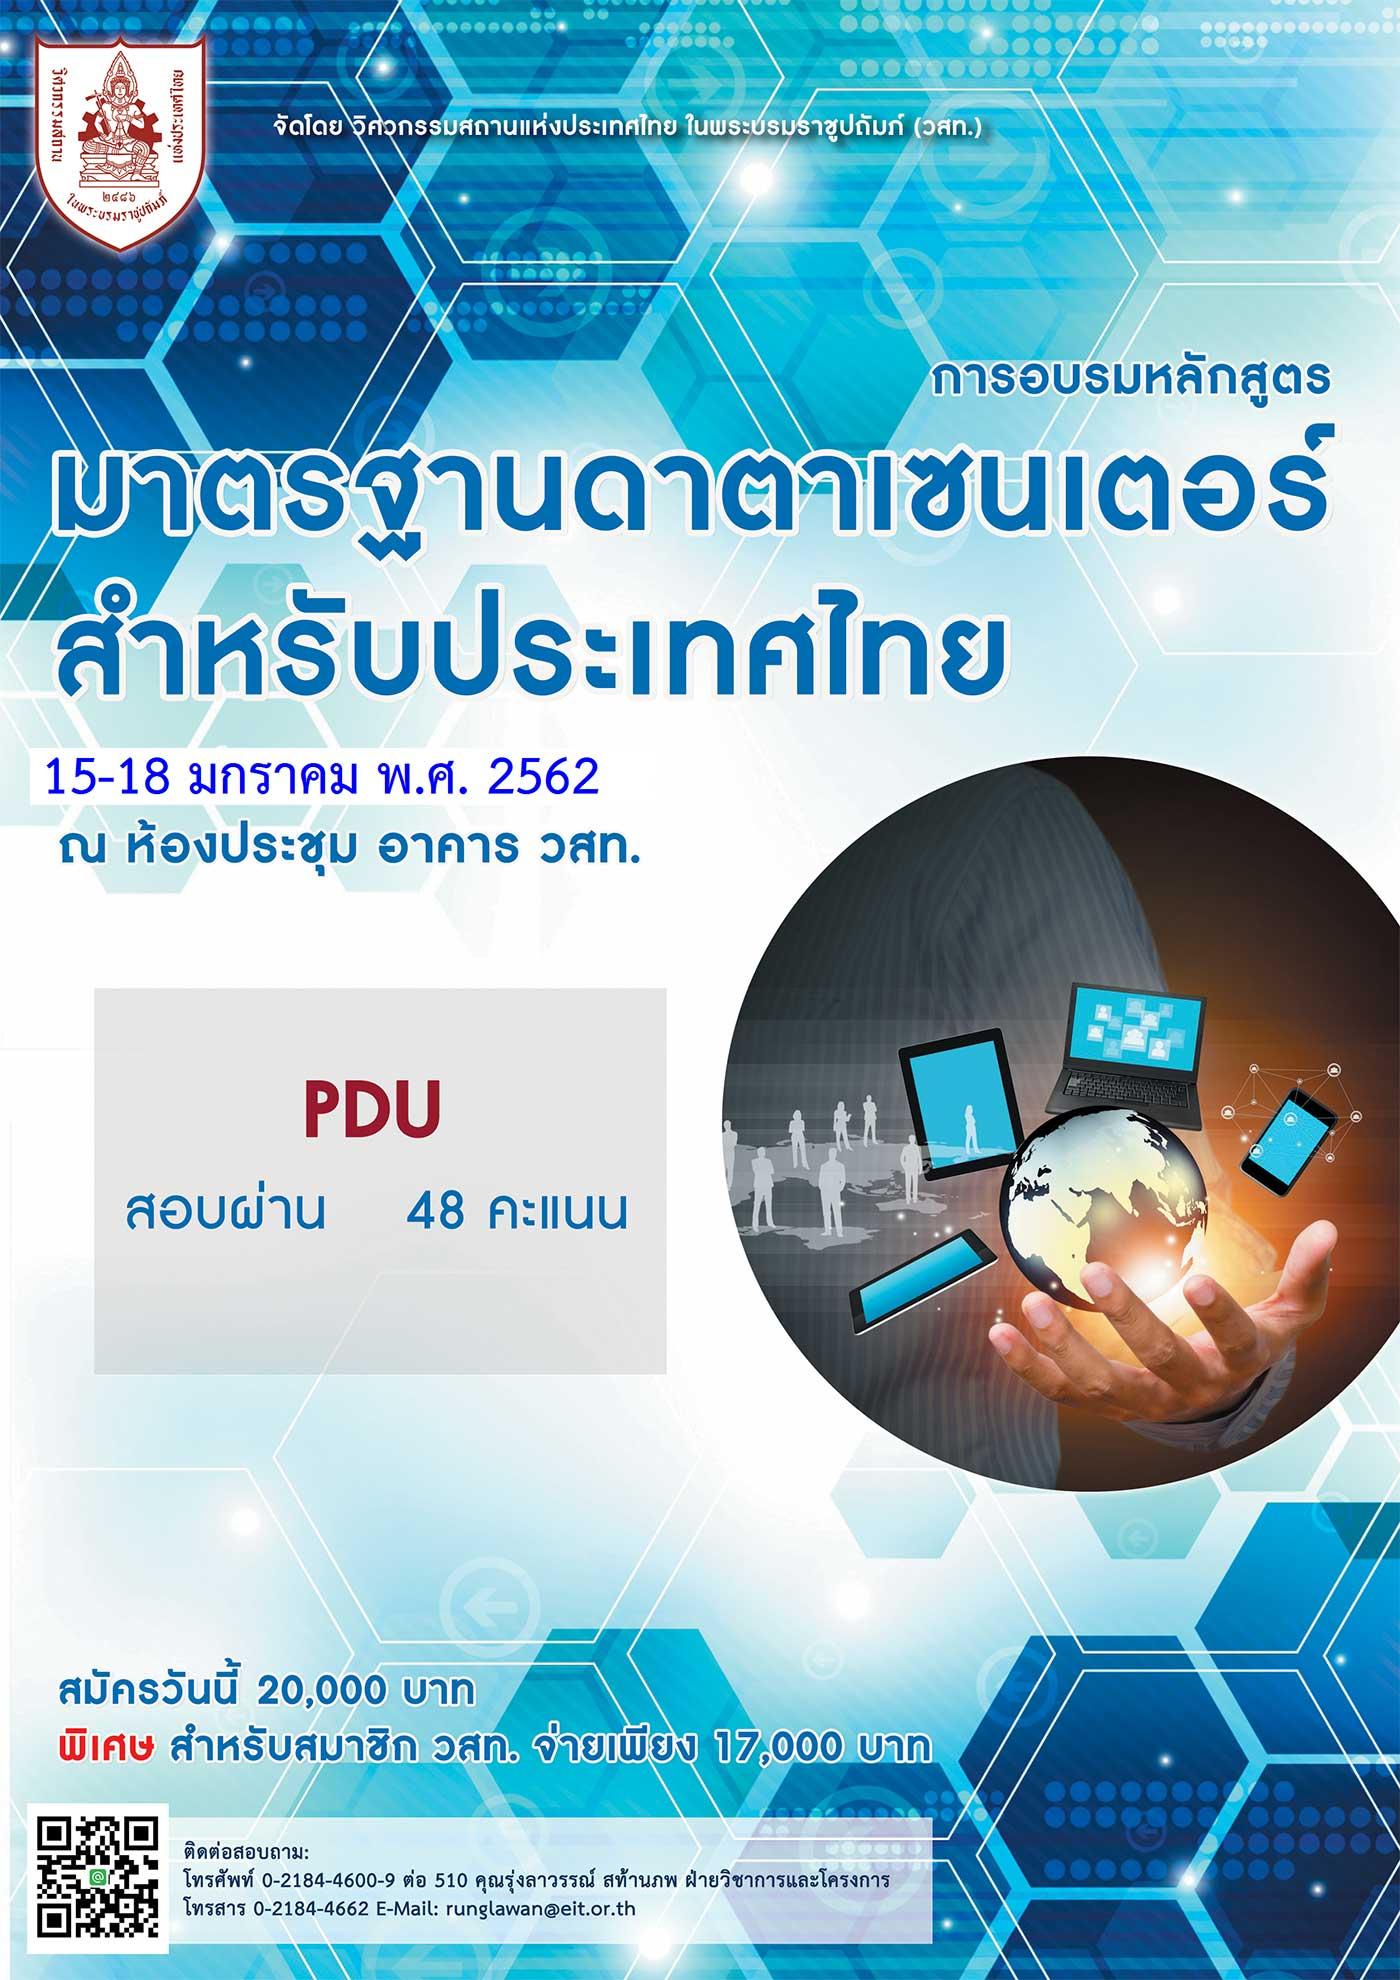 15-18/01/2562 การอบรมหลักสูตร มาตรฐานดาตาเซนเตอร์สำหรับประเทศไทย รุ่นที่ 3